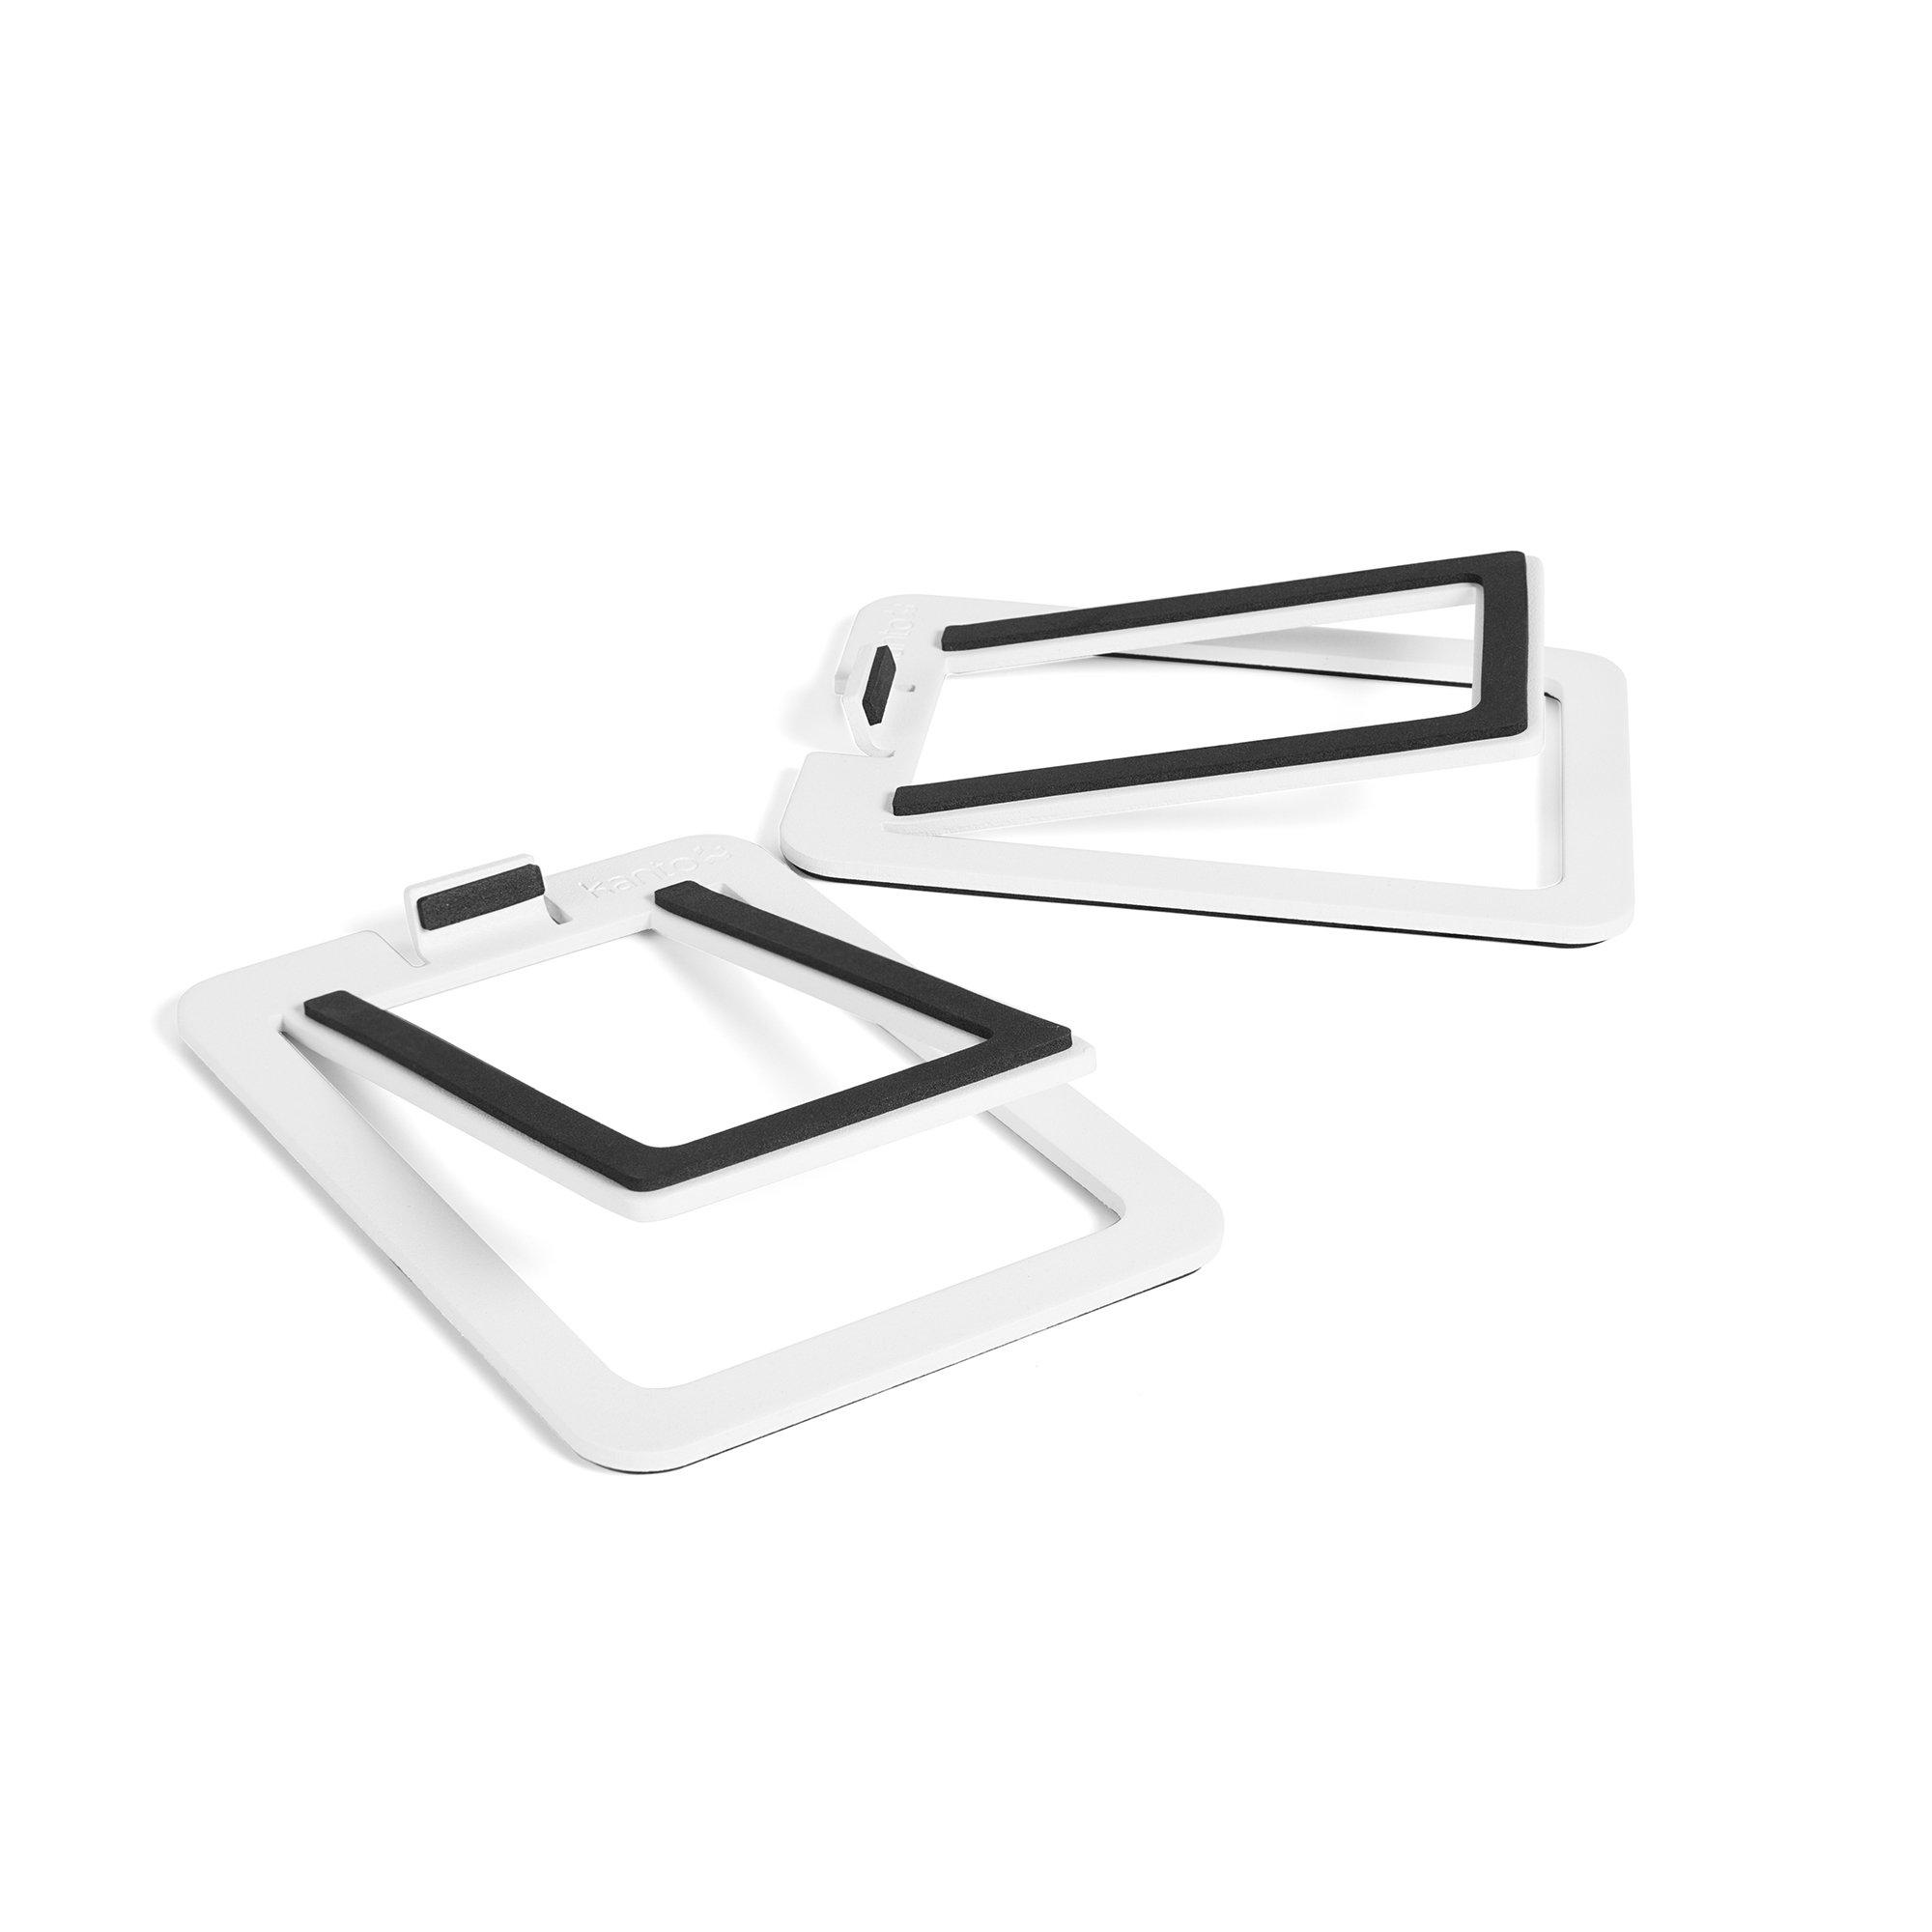 Kanto S2 Desktop Speaker Stands for Small Speakers, White by Kanto